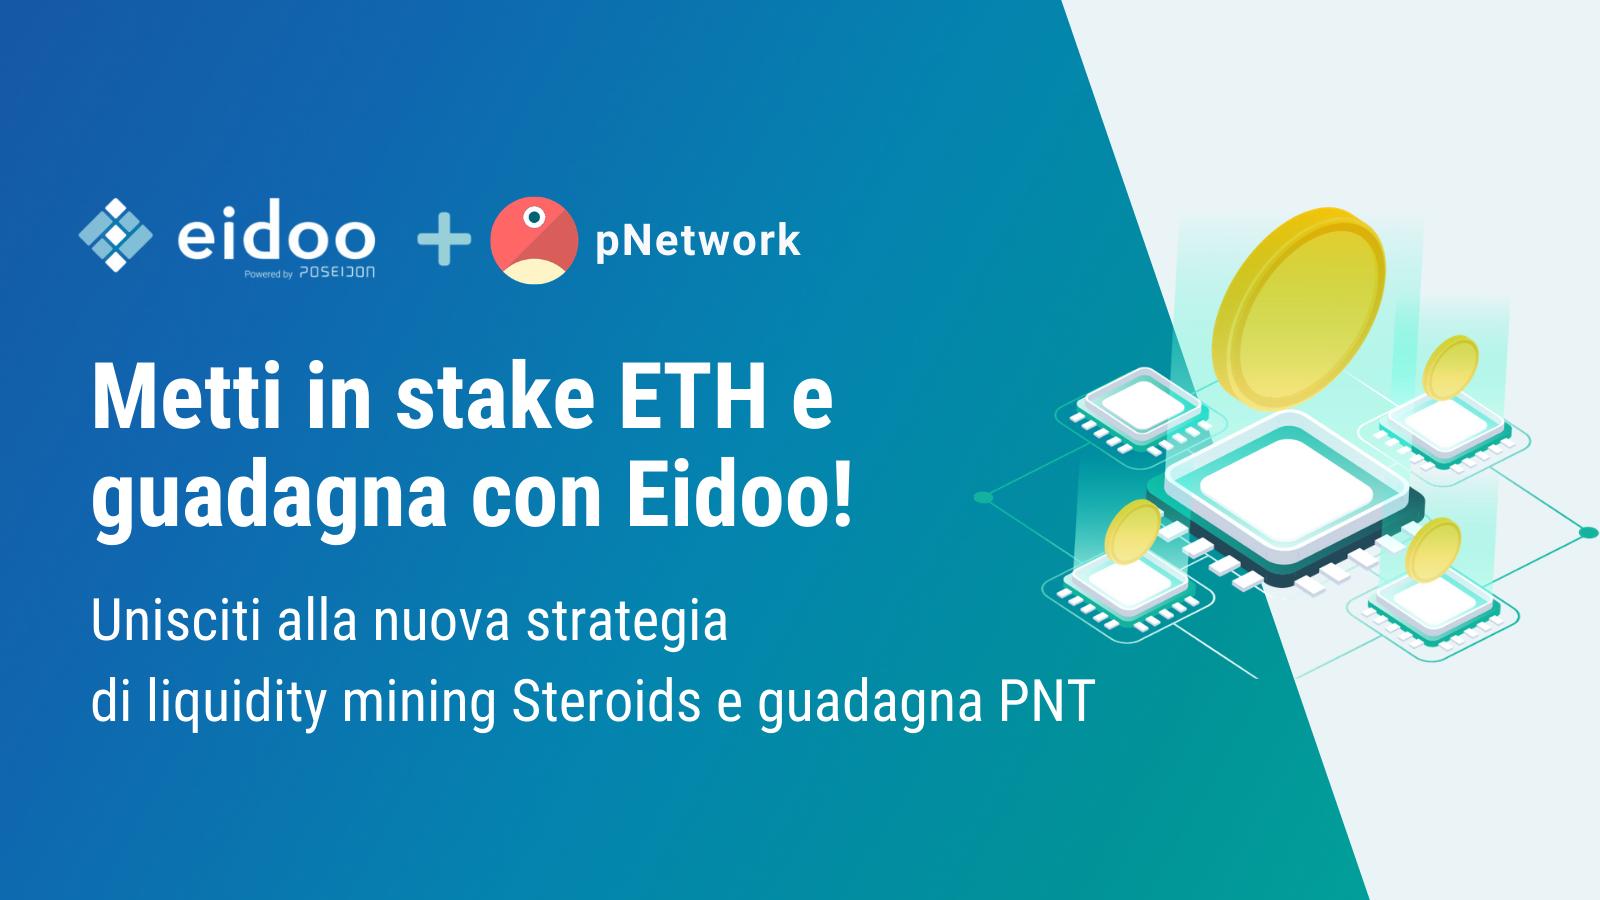 Unisciti alla nuova strategia di liquidity mining Steroids e guadagna con Eidoo